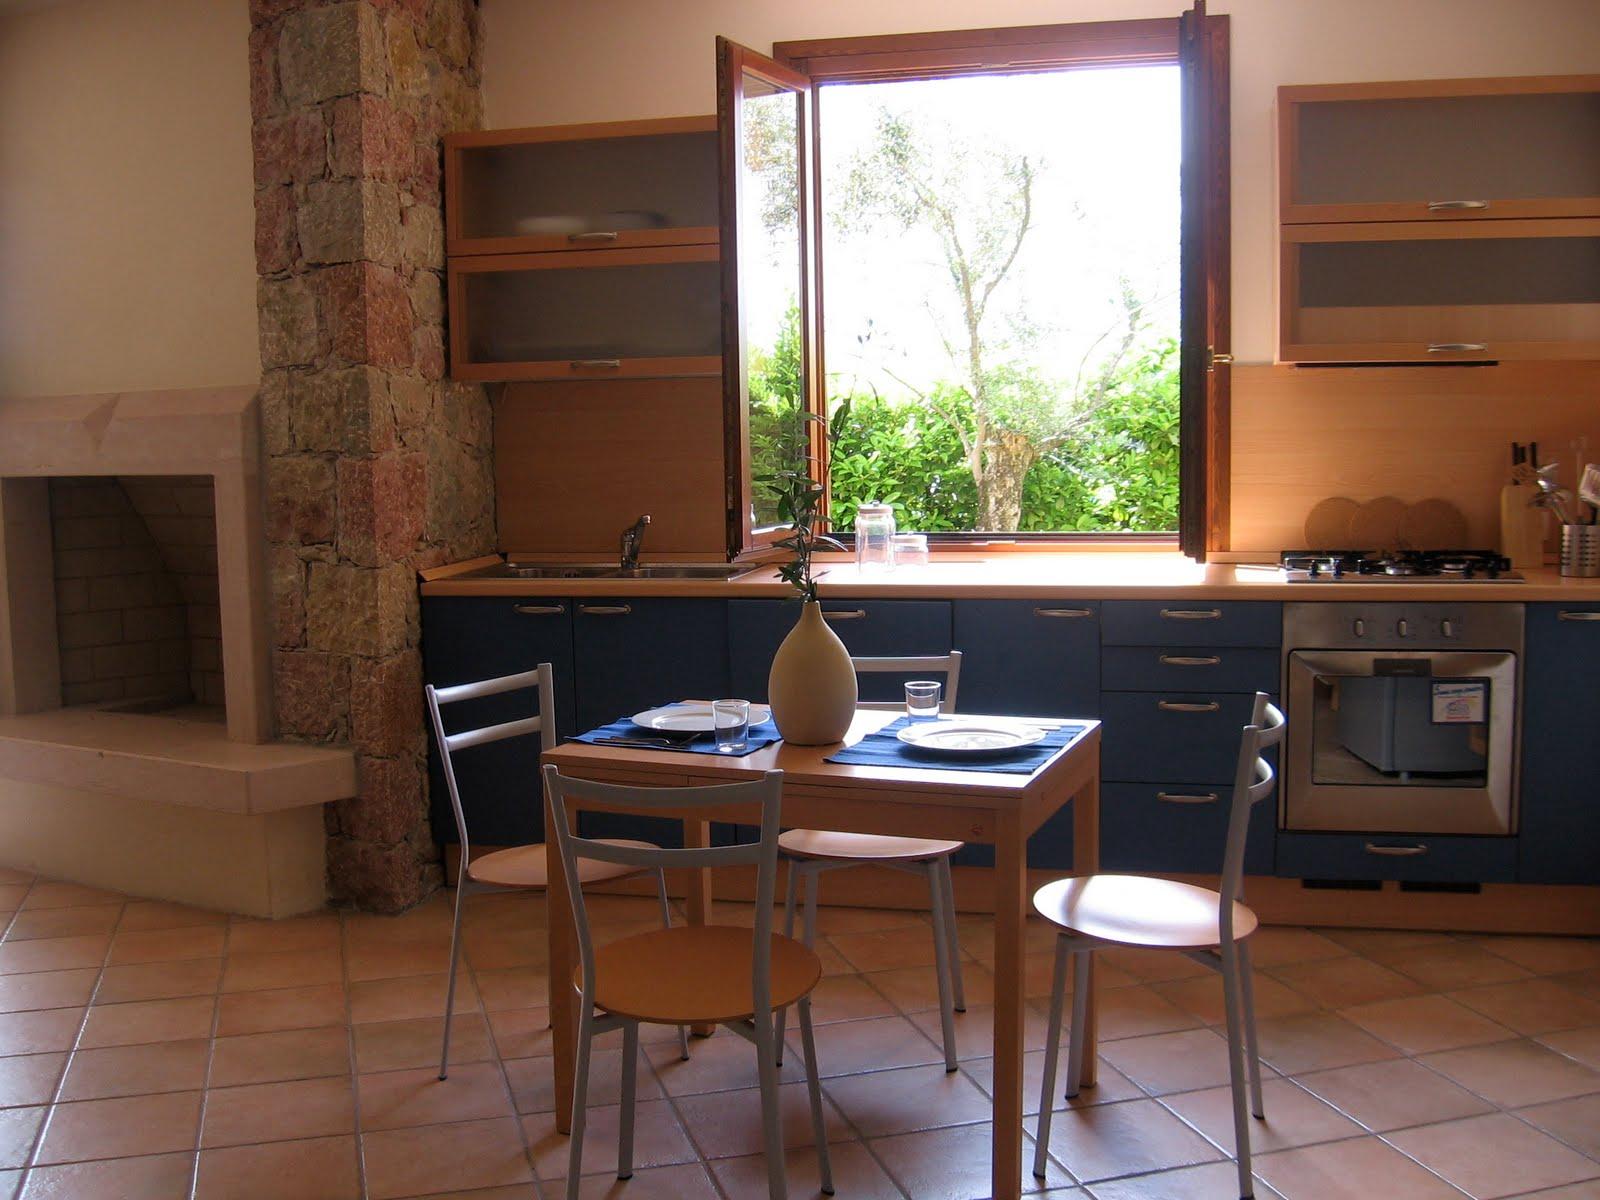 Cucina Con Finestra - Lavello Sotto Finestra - Douglasfalls.com